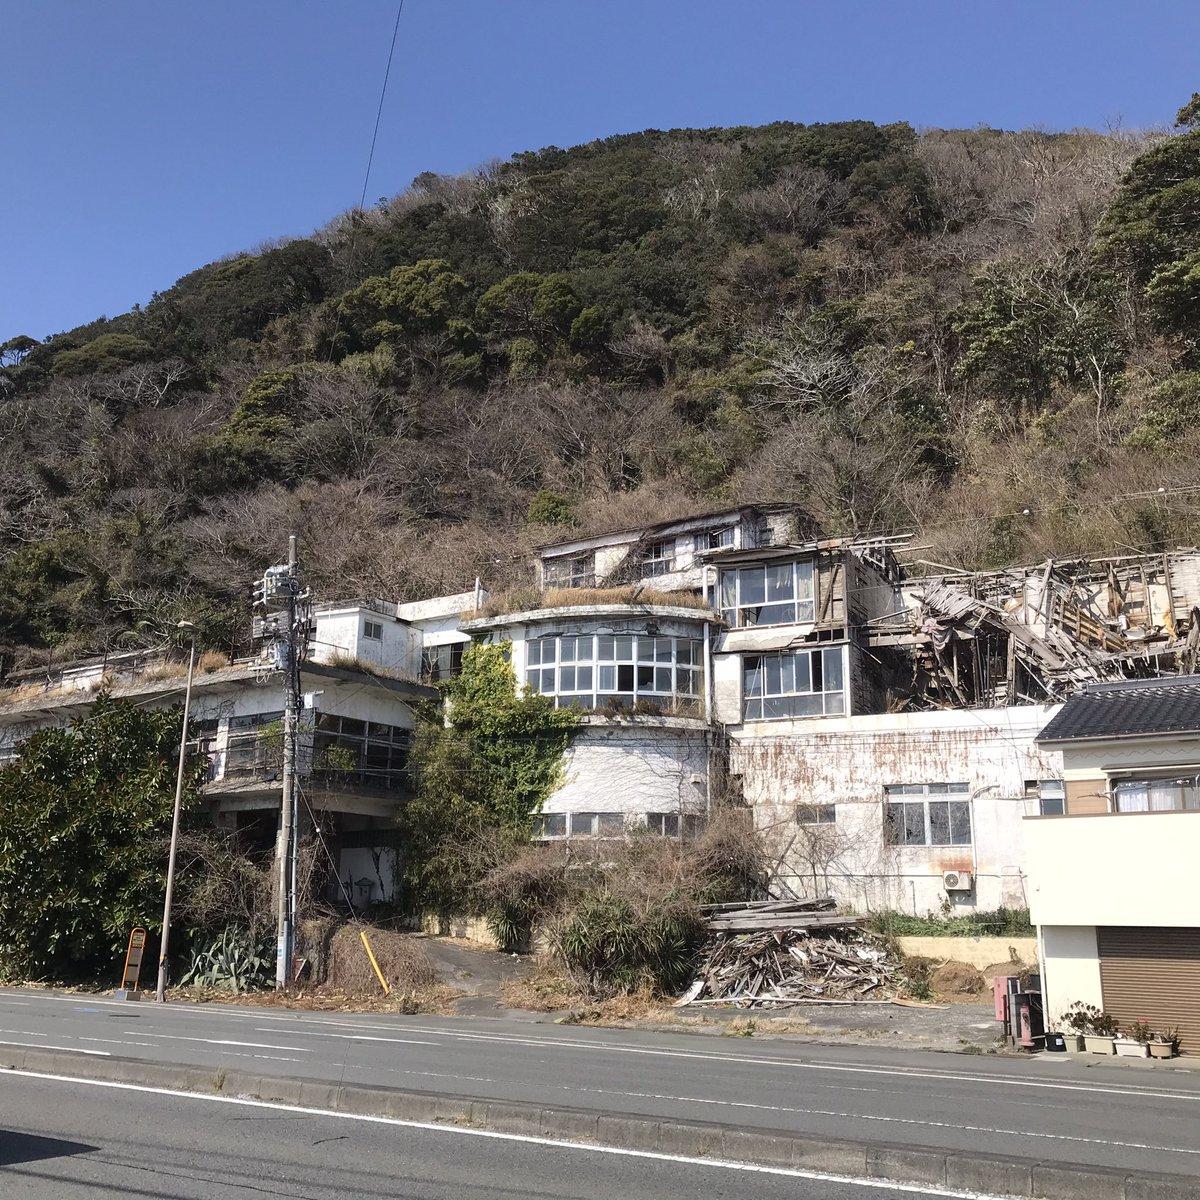 富士屋 ホテル 下田 世界の怖い夜の呪われた廃ホテルロケ地場所はどこ?サンシャイン池崎